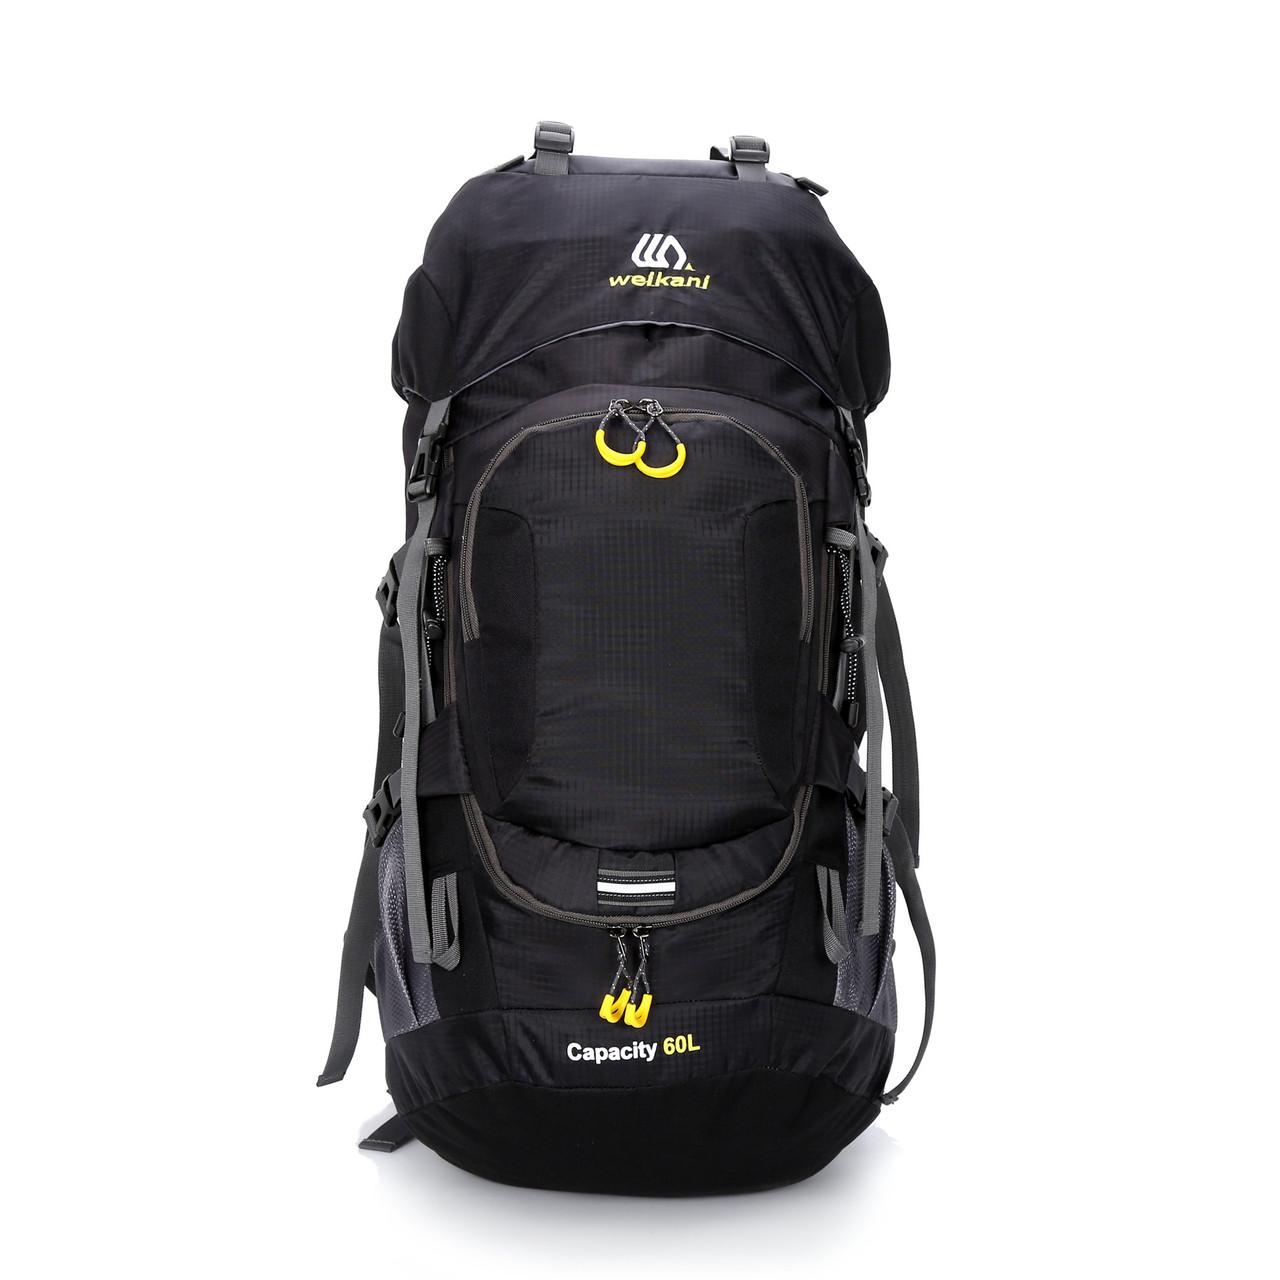 Туристический рюкзак 60L Weikani - фото 2